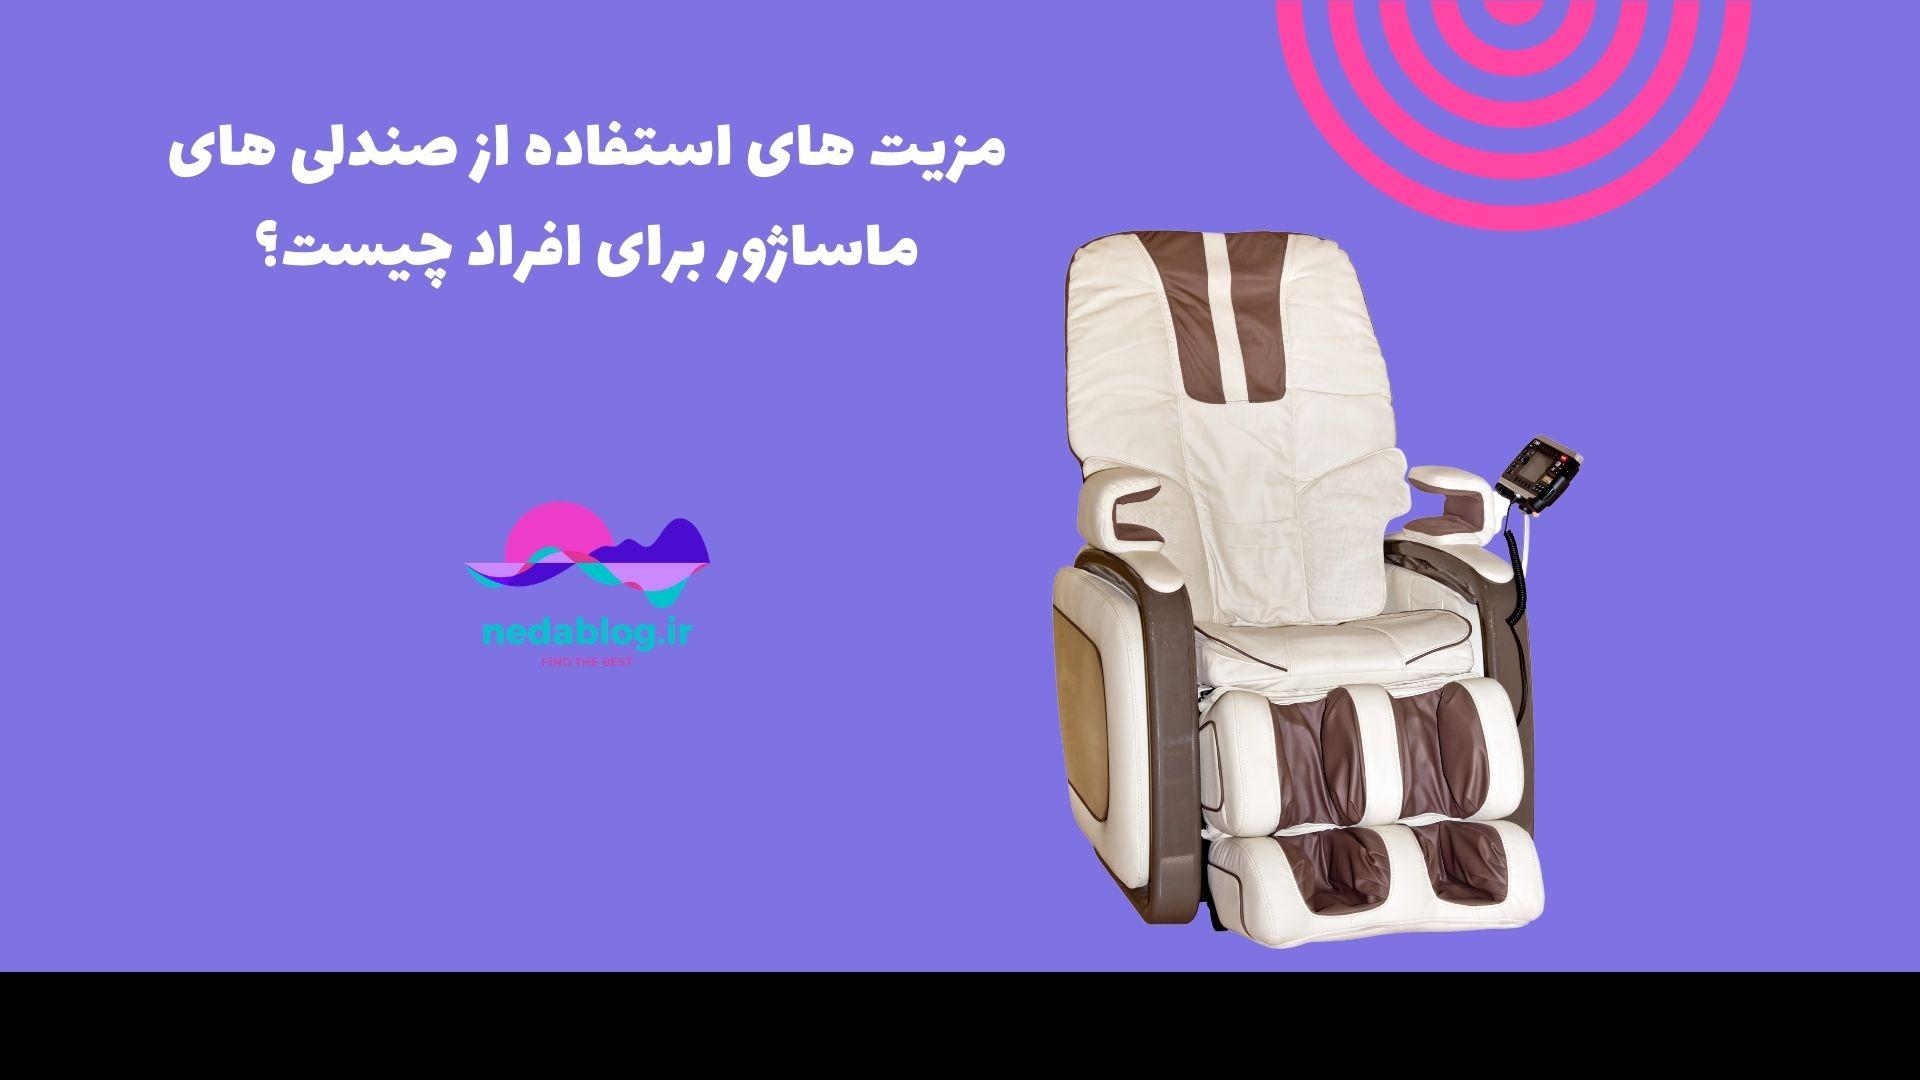 مزیت های استفاده از صندلی های ماساژور برای افراد چیست؟